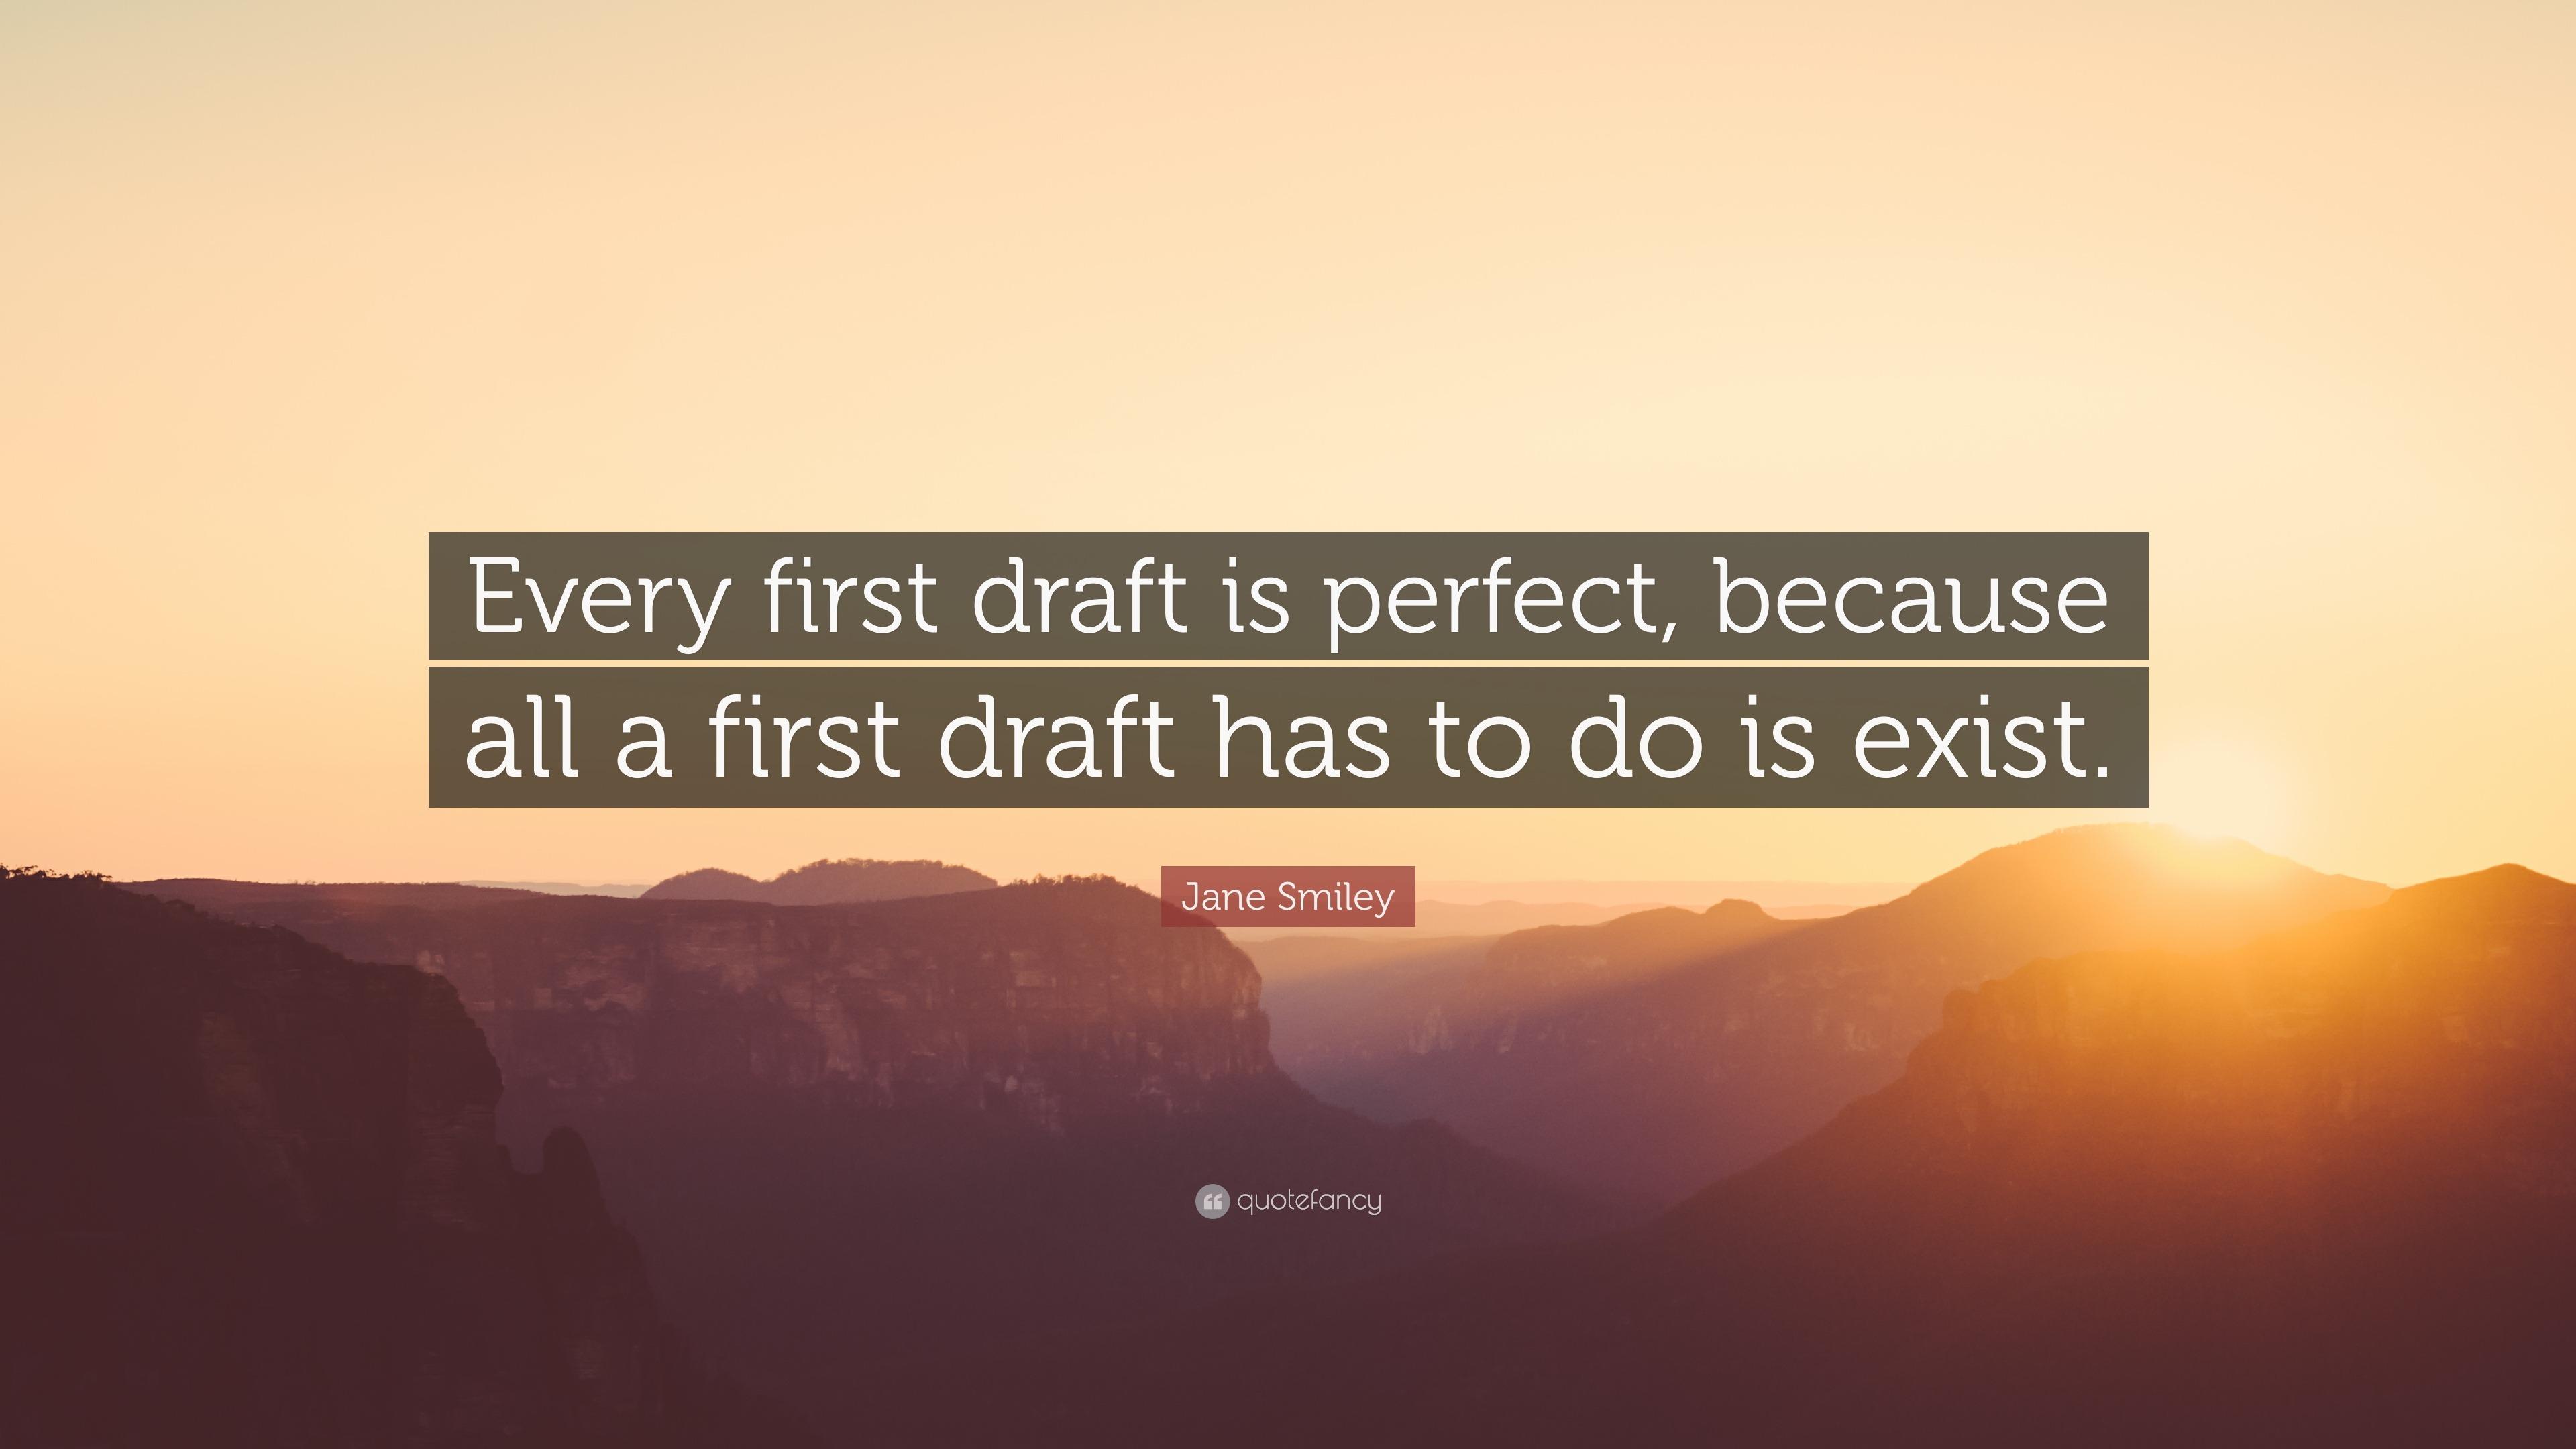 """Résultat de recherche d'images pour """"every first draft perfect"""""""